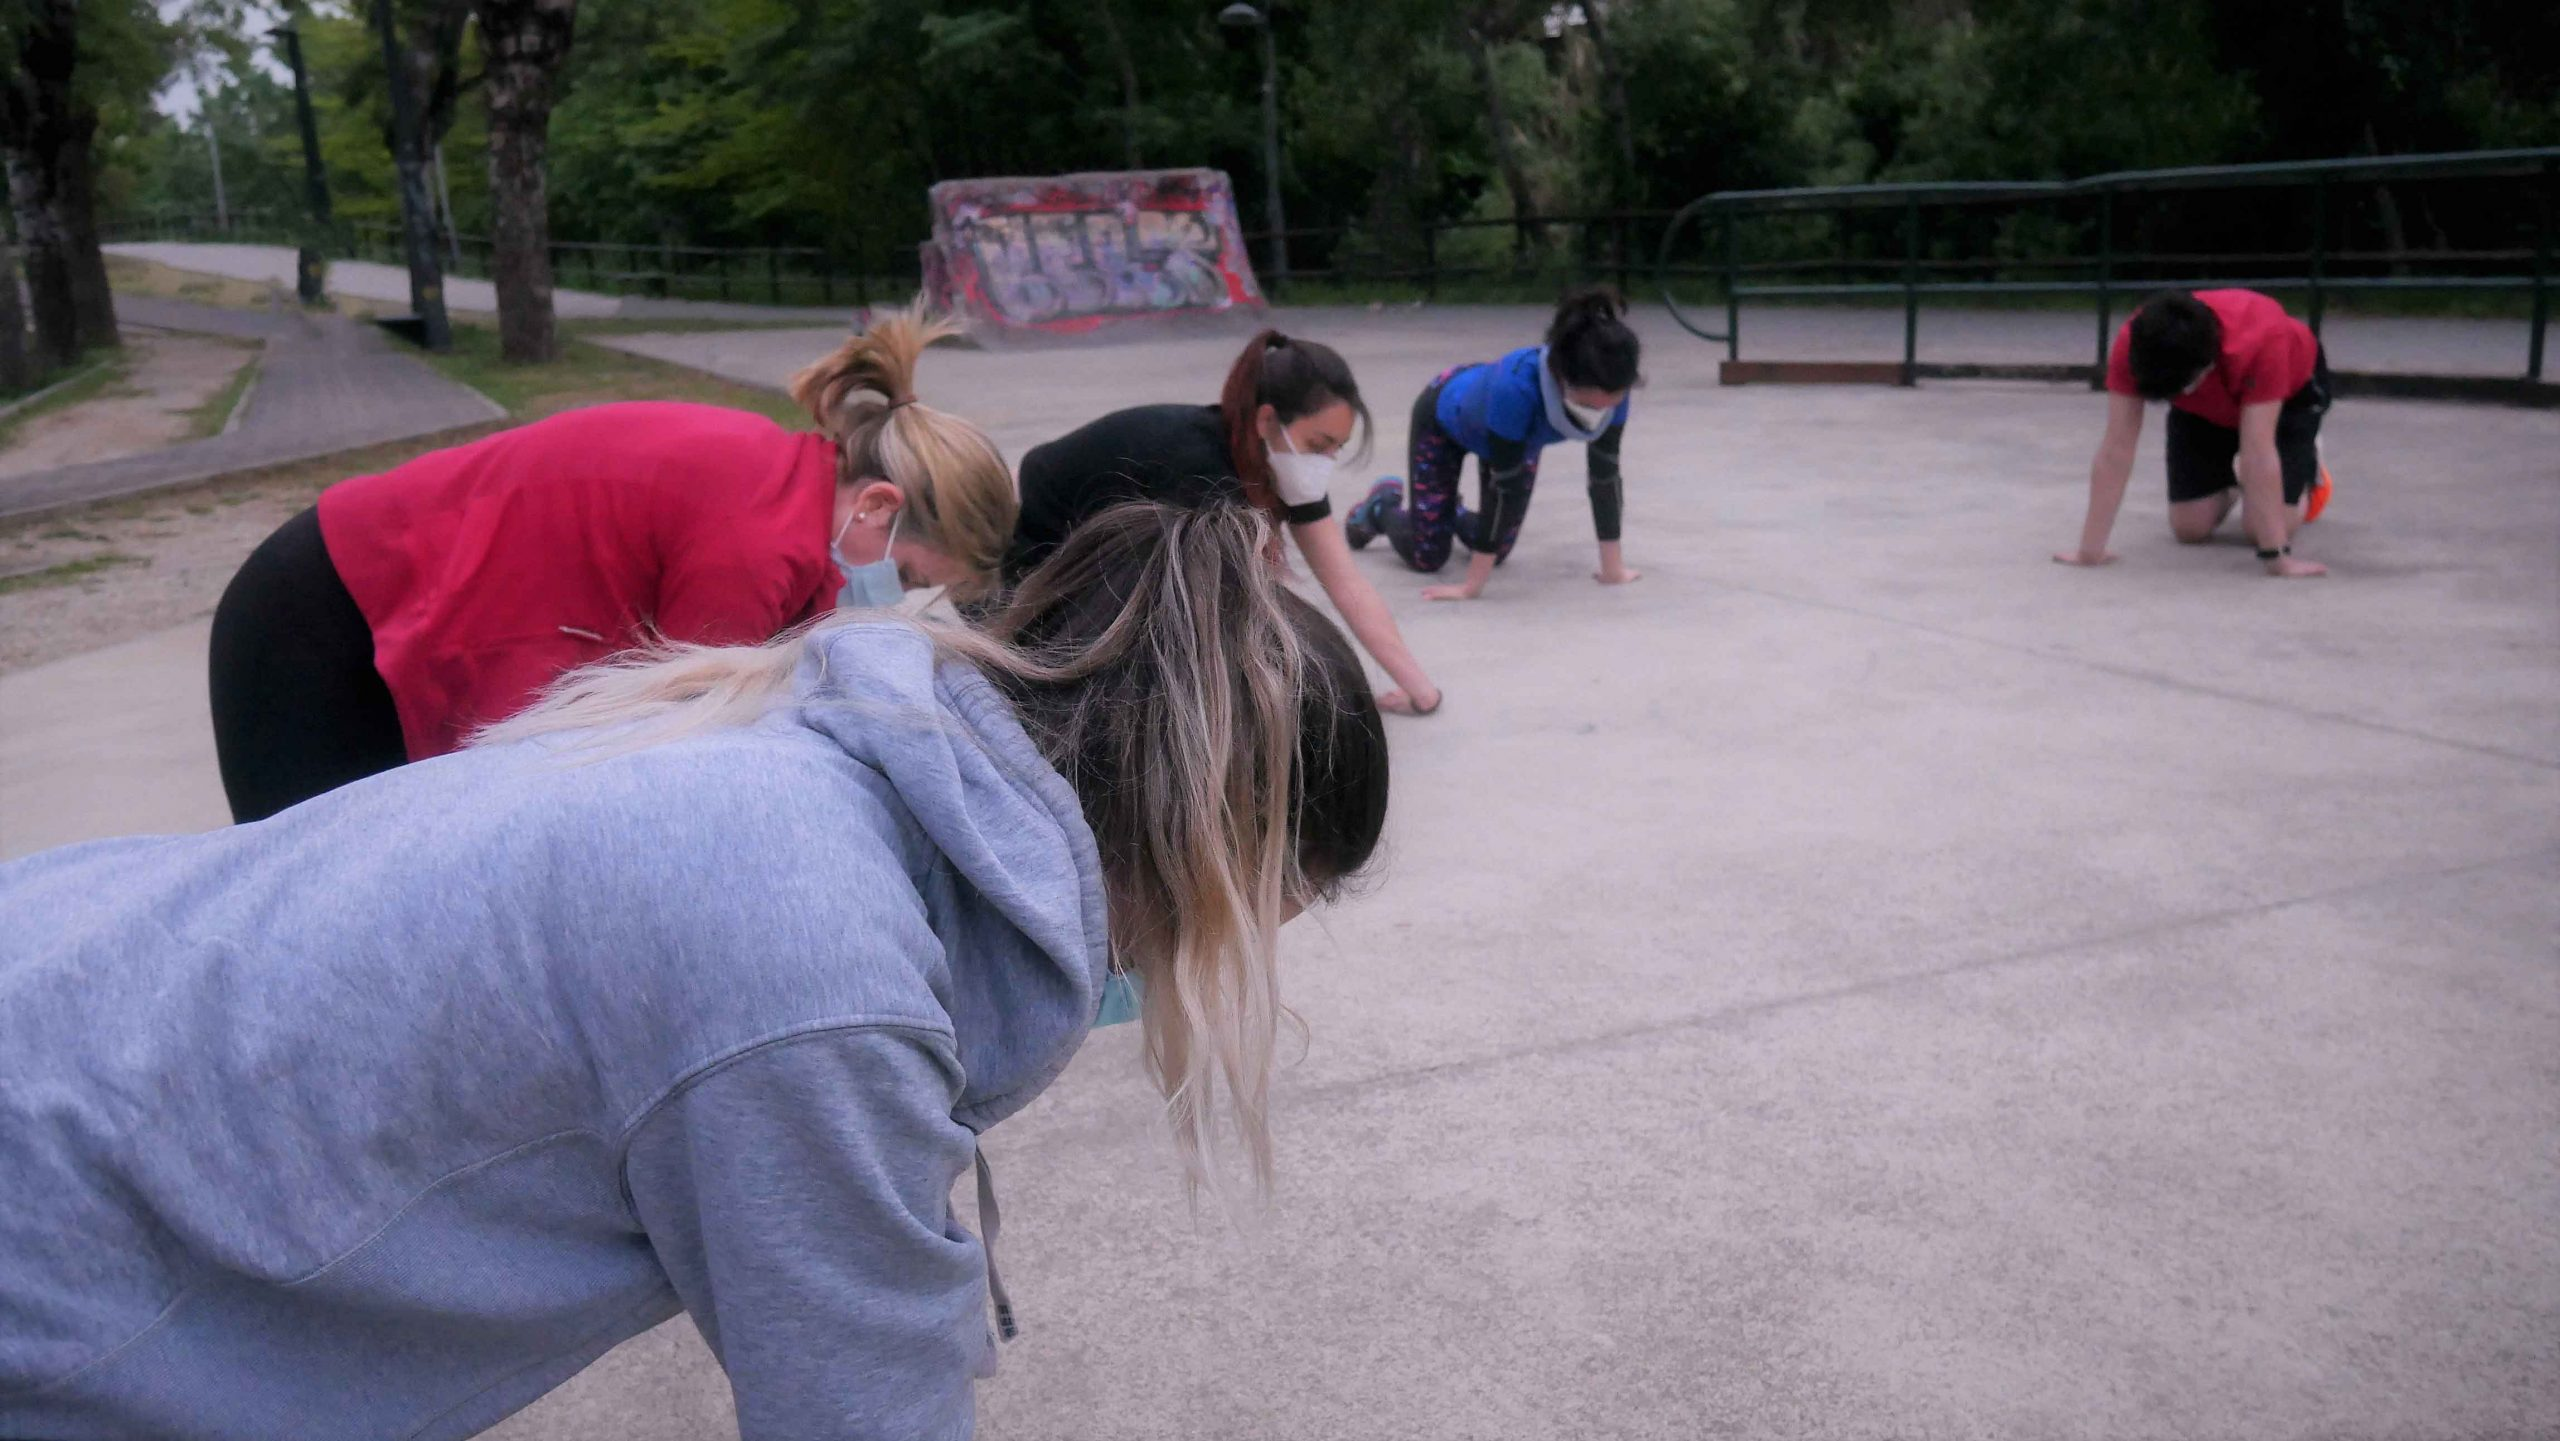 entrenamiento grupal de calistenia al aire libre